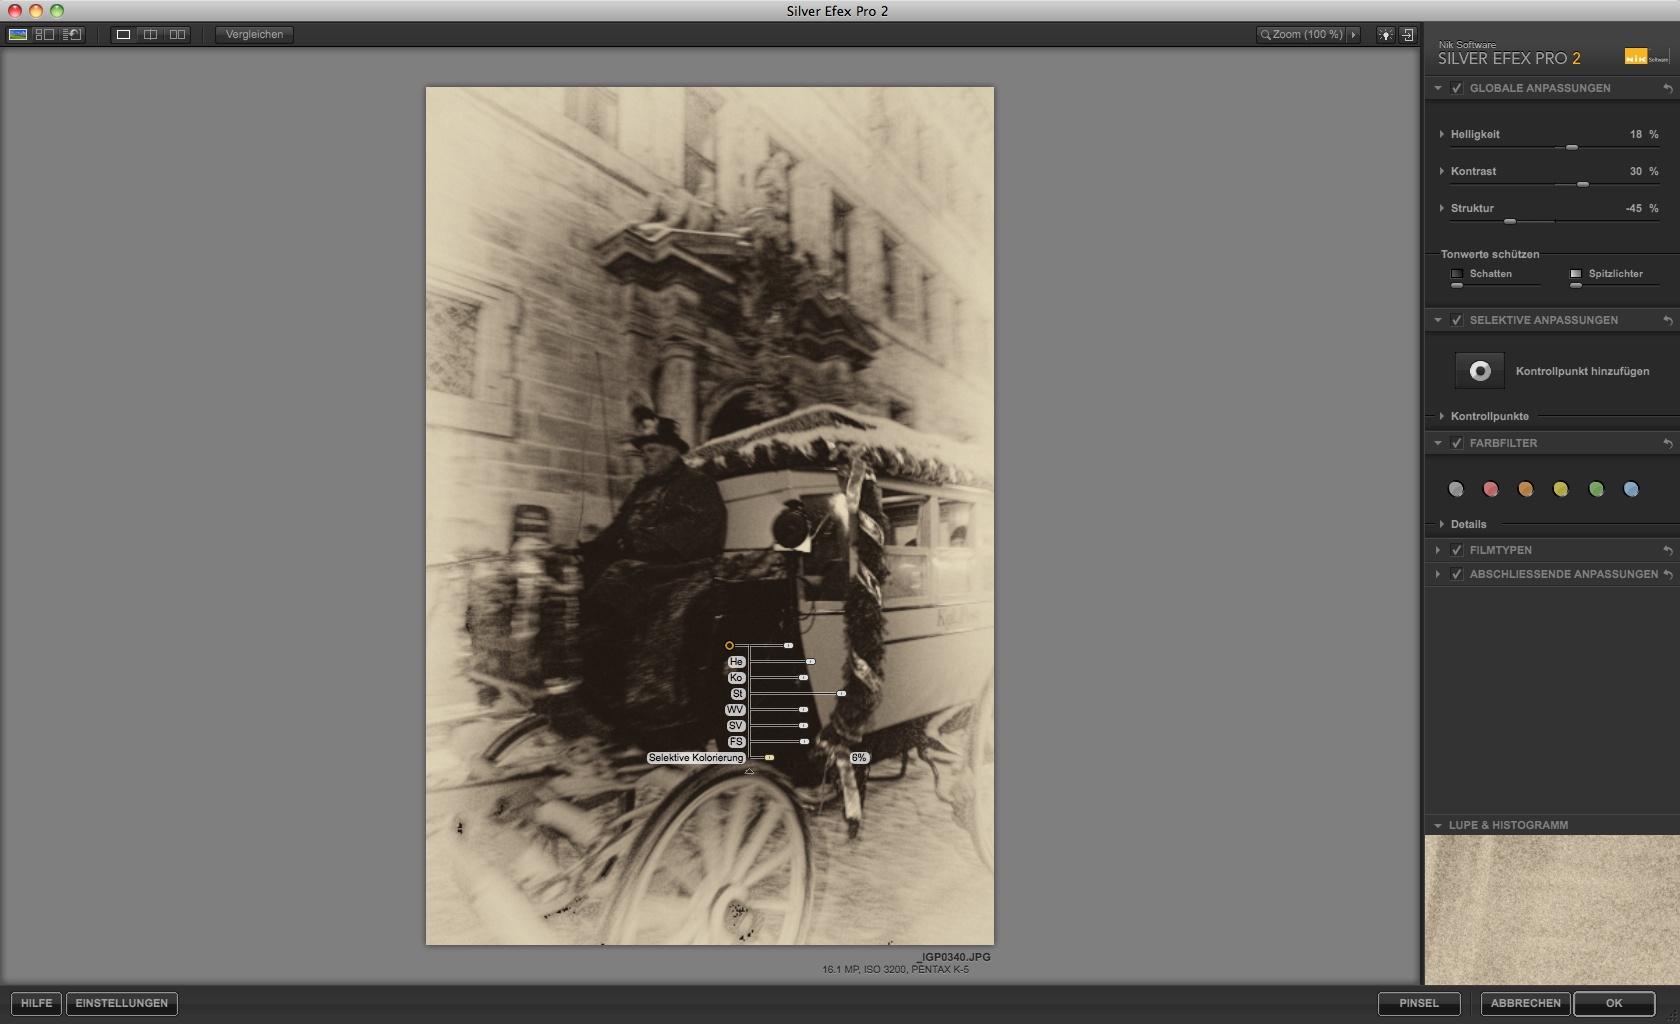 Nik Software: Bildbearbeitung für Schwarz-Weiß-Fotos - Silver Efex Pro 2 - Fotoplatte (Foto: Andreas Donath)